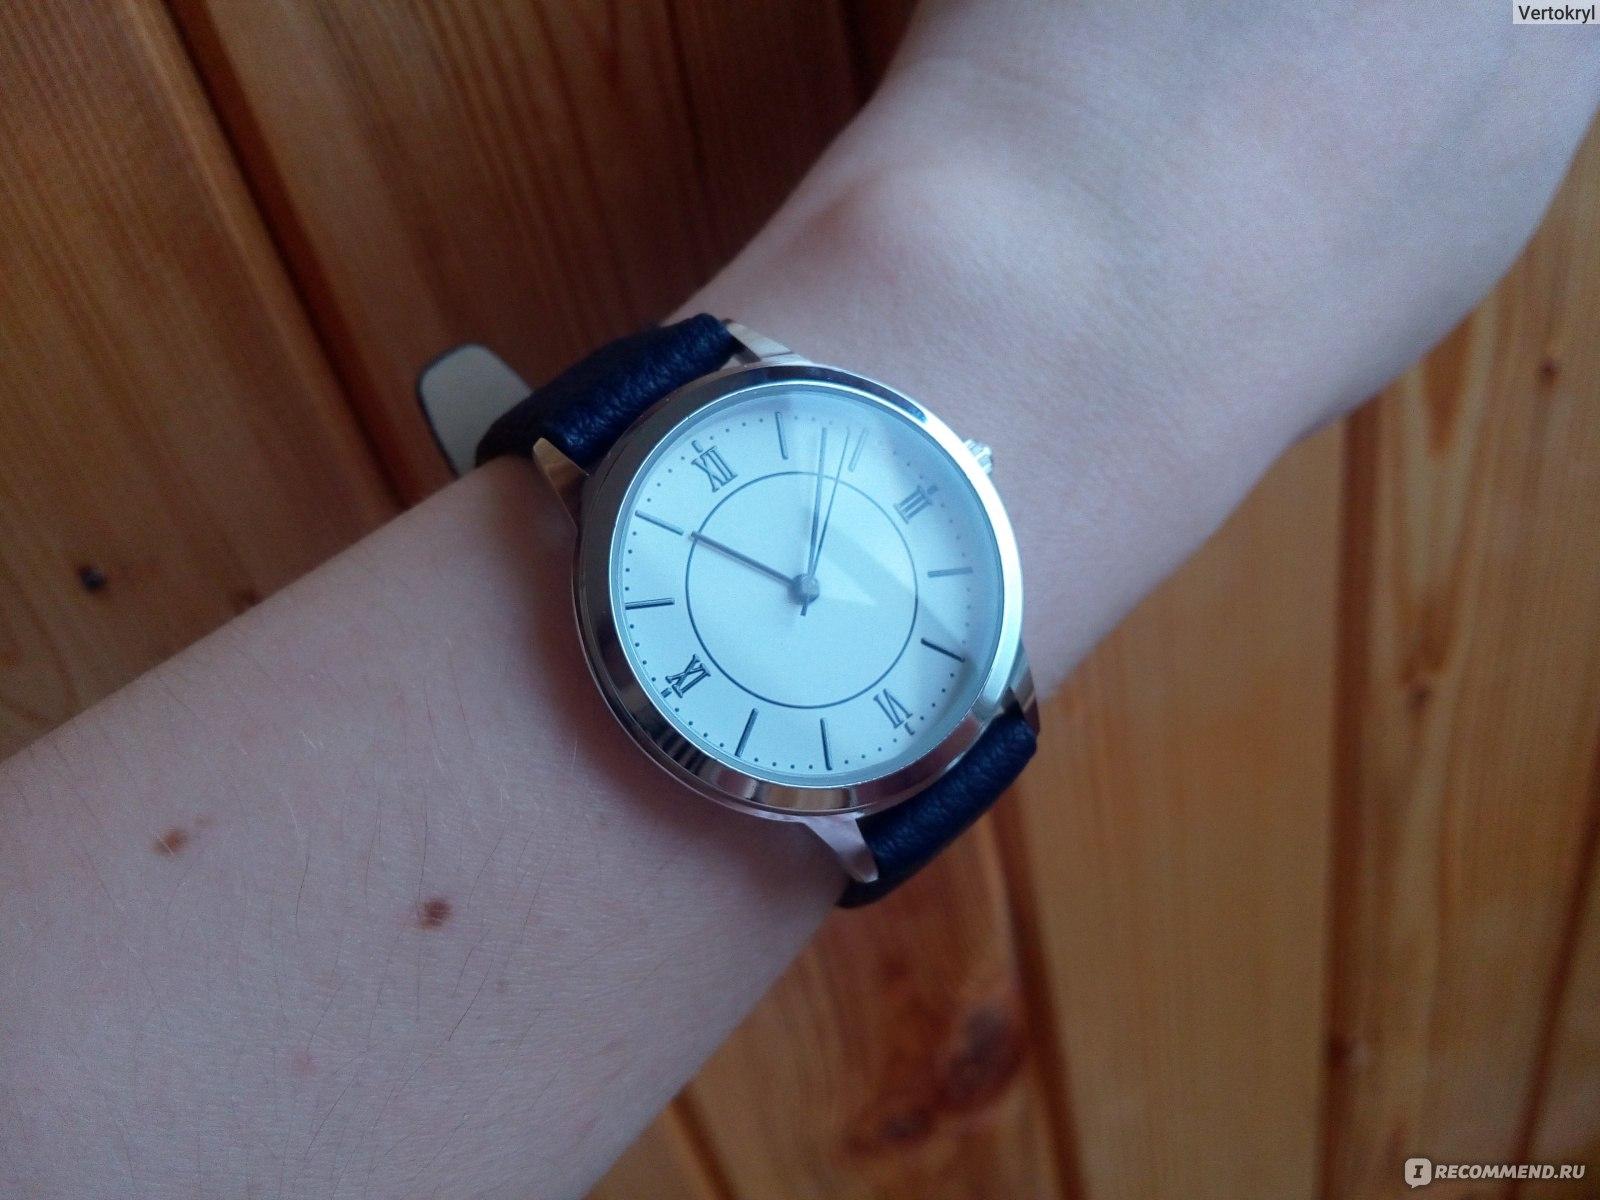 Женские наручные часы луч ив роше ремешки для часов наручных boccia